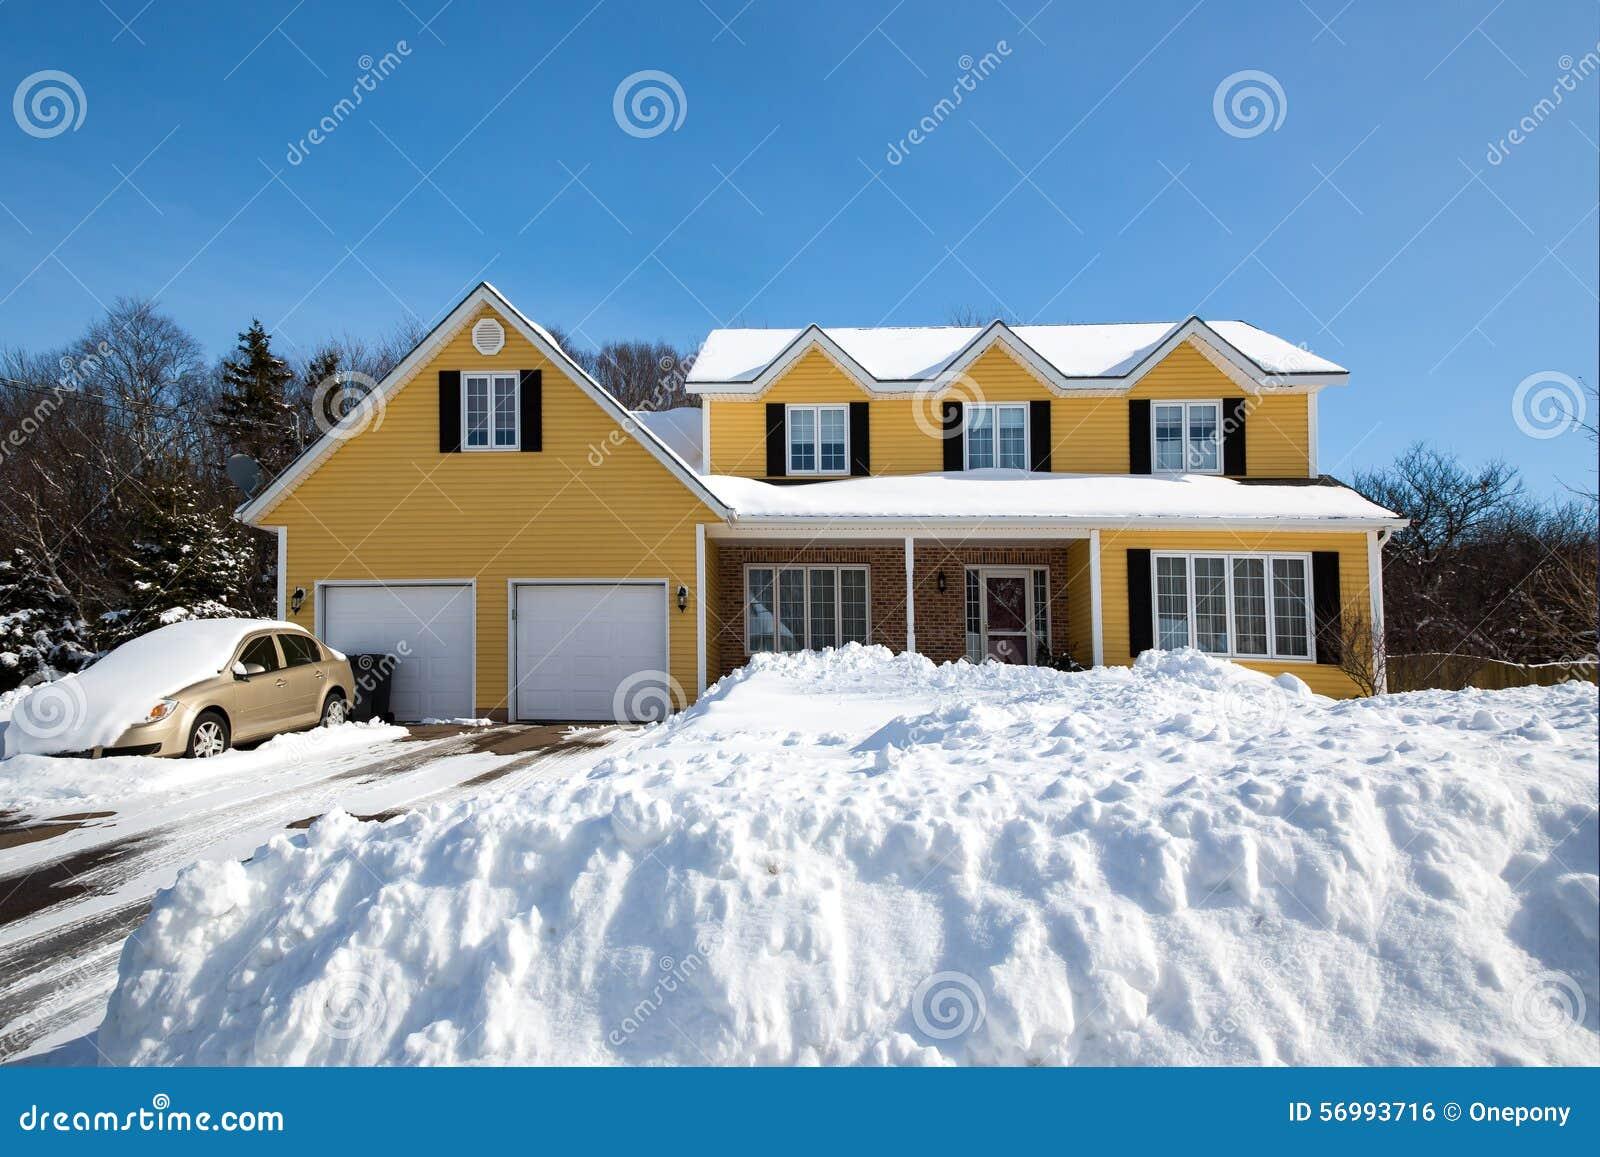 Maison d 39 hiver photo stock image 56993716 - Temperature maison hiver ...